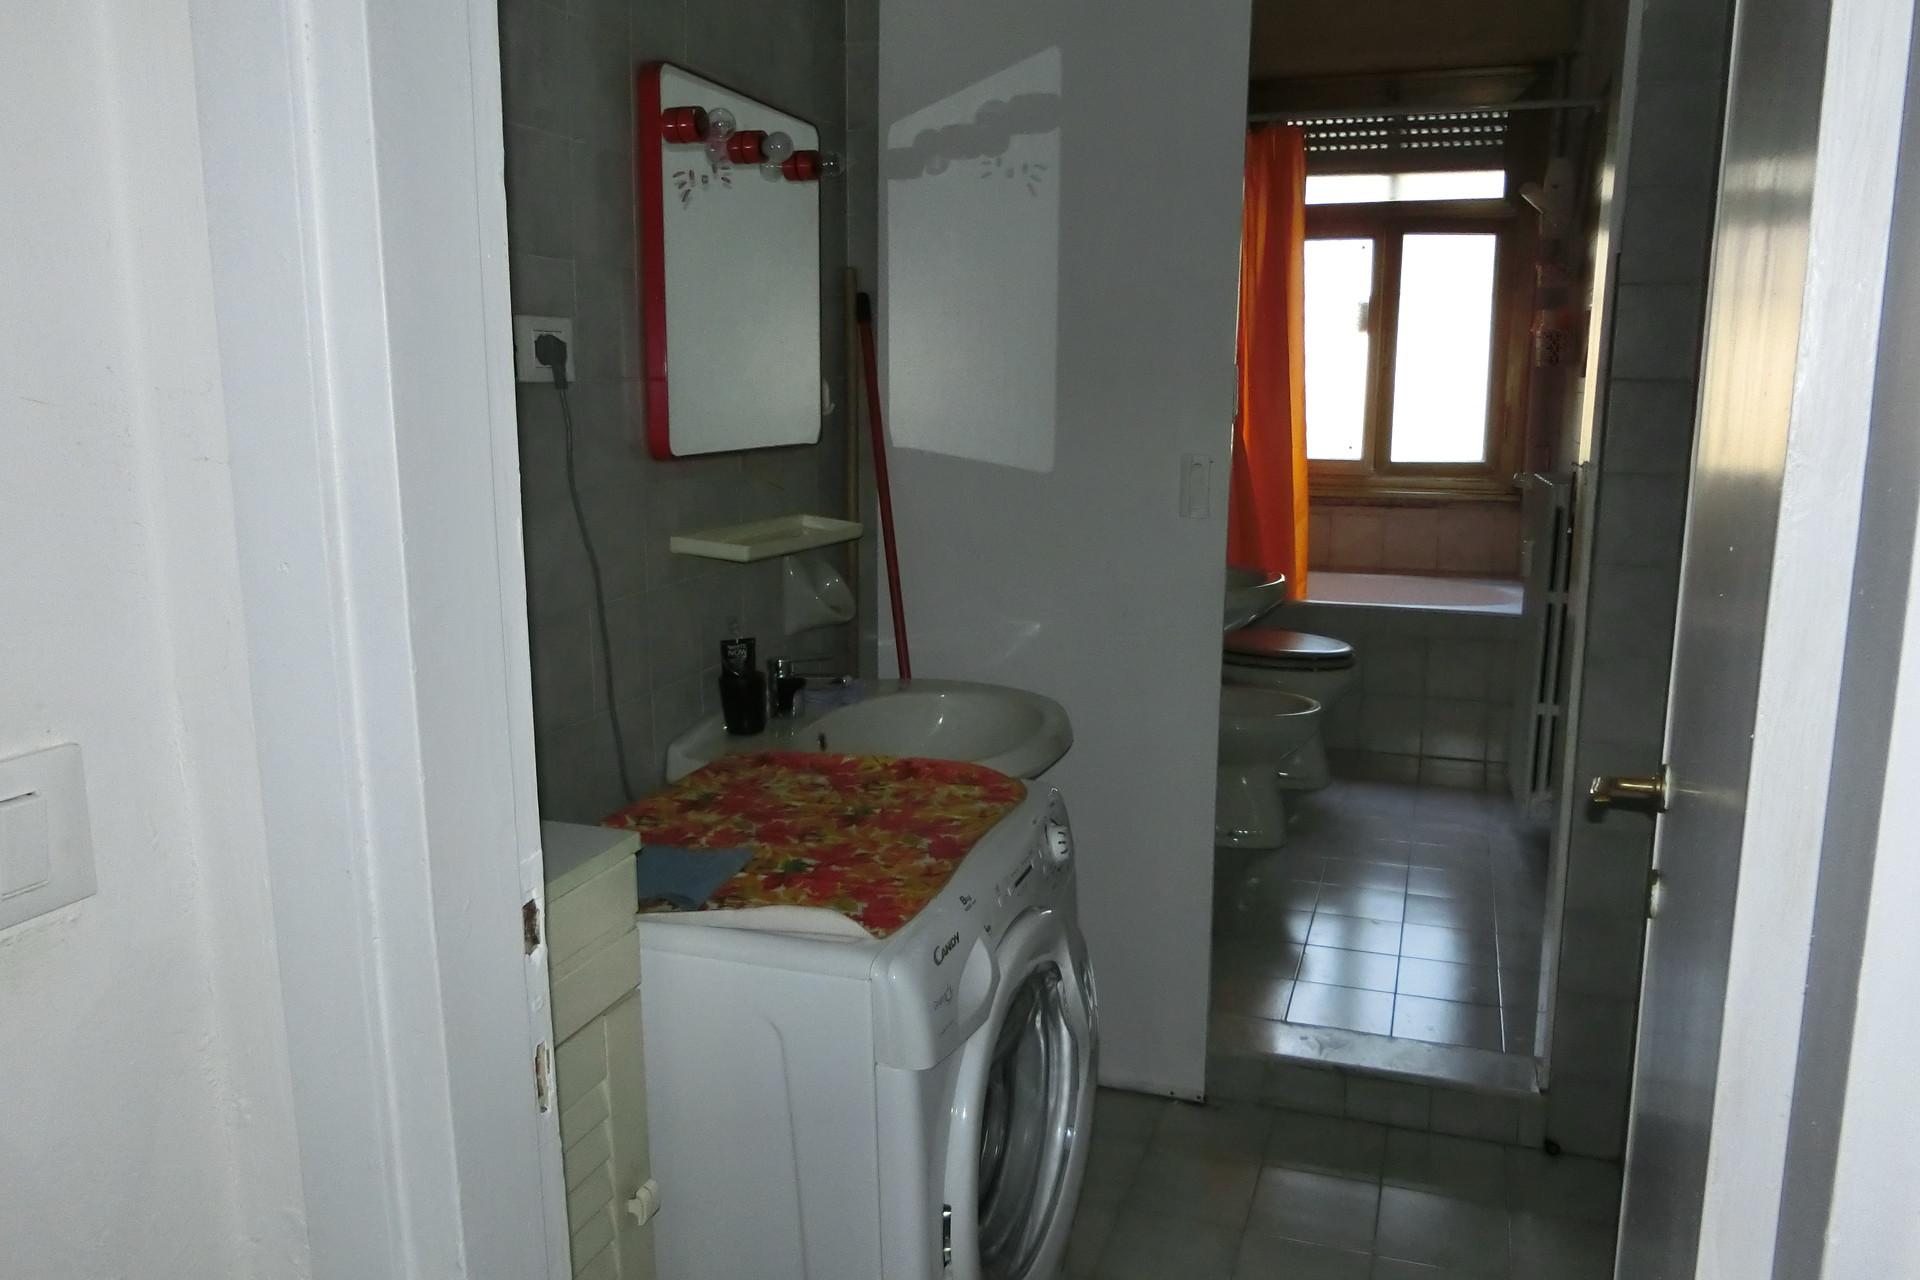 Stanza in appartamento di tre locali pi cucina abitabile bagno ed antibagno stanze in - Bagno e antibagno ...